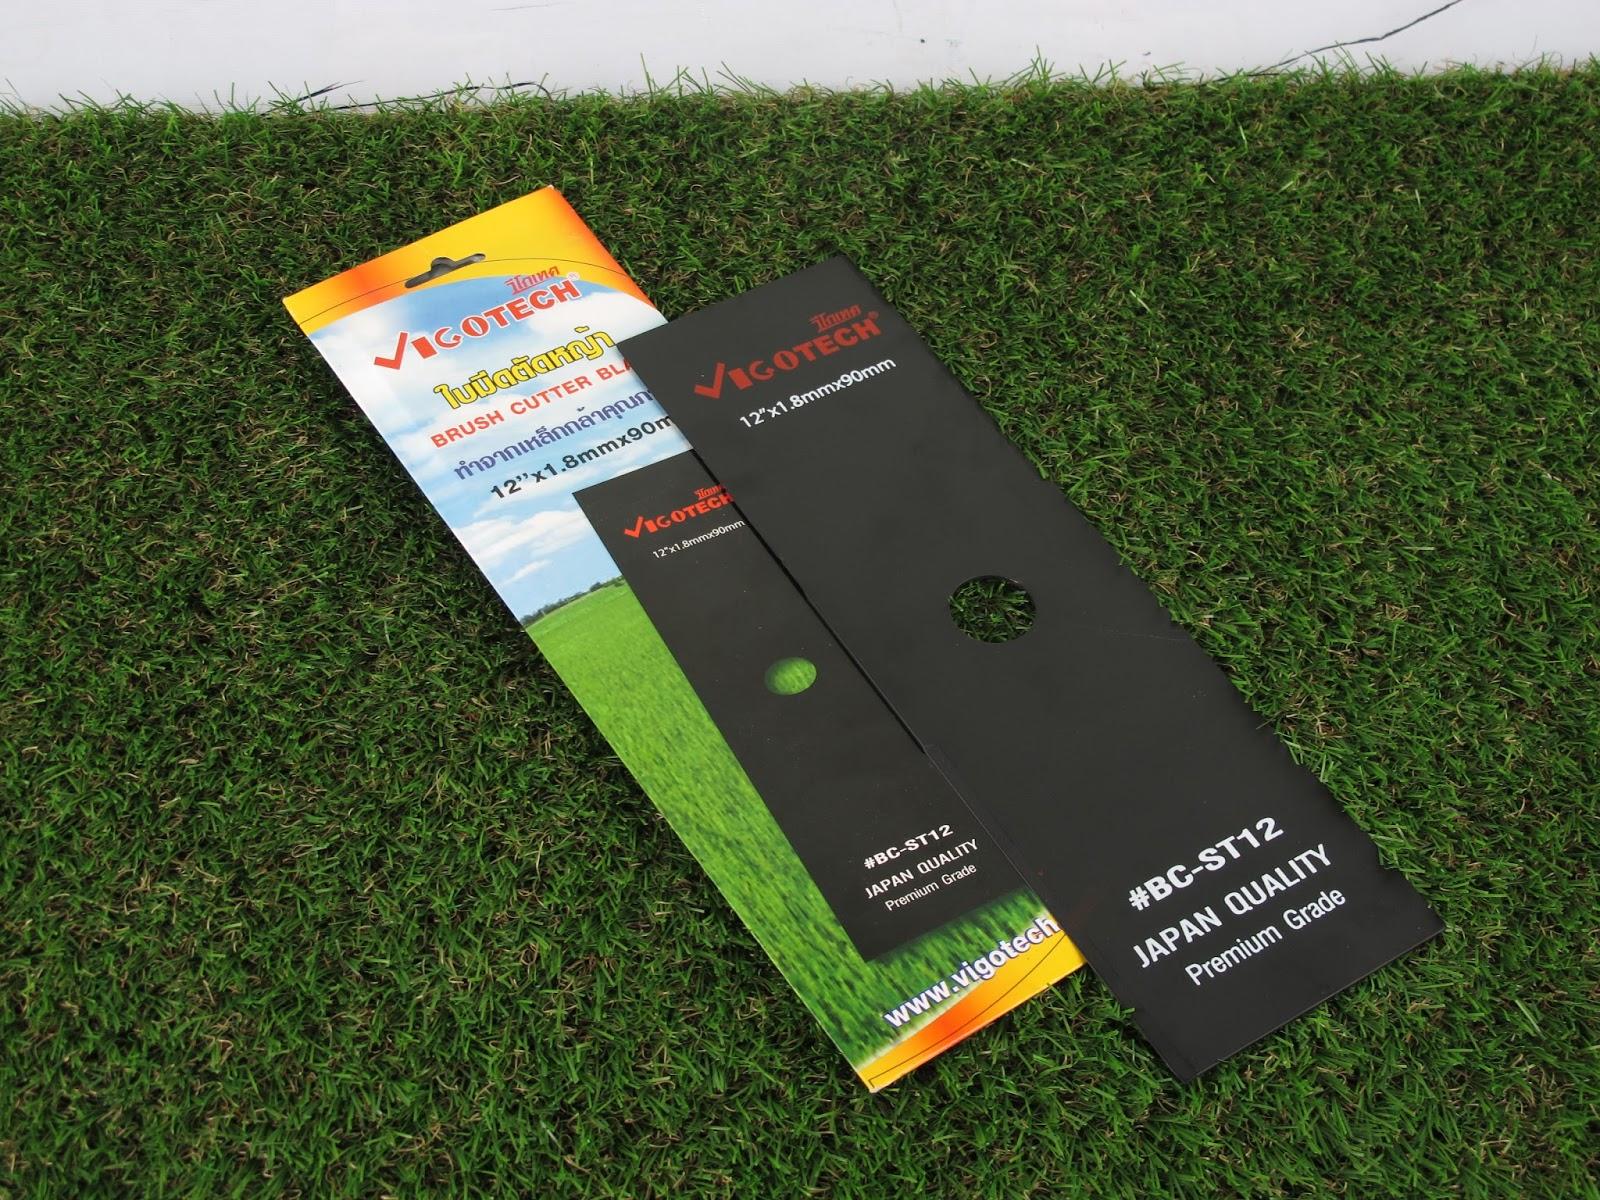 ใบมีดตัดหญ้า ใช้ได้กับเครื่องตัดหญ้าทุกรุ่น ทุกยี่ห้อ